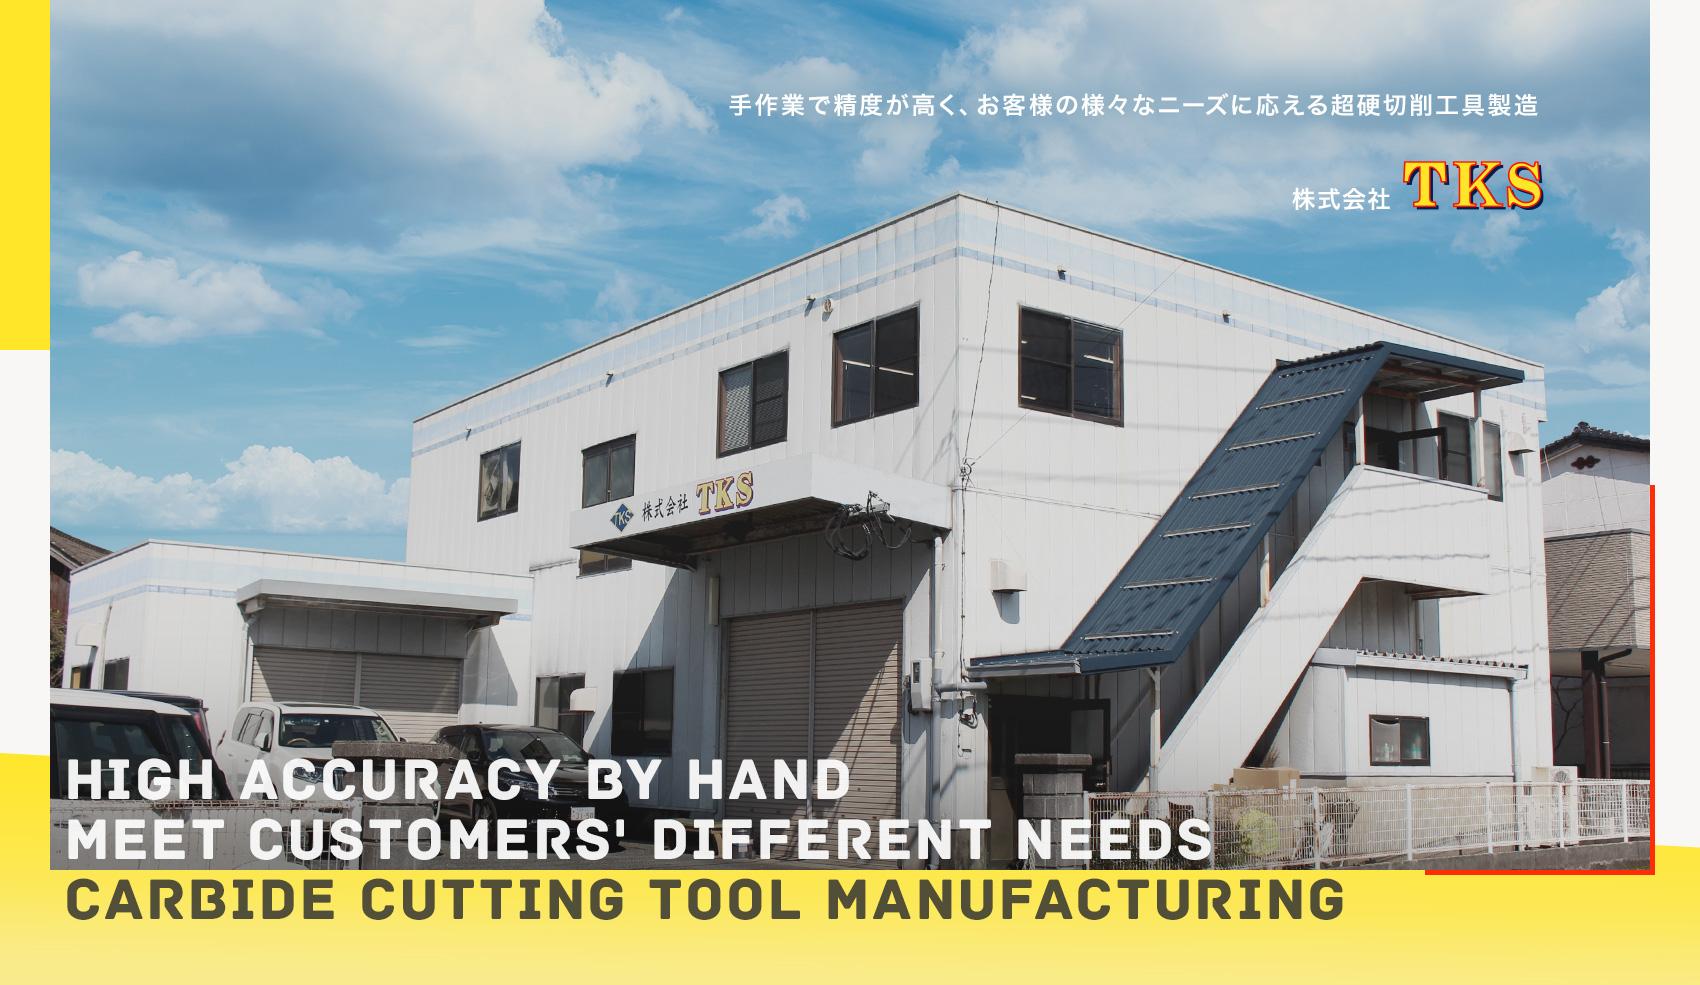 手作業で精度が高く、お客様の様々なニーズに応える超硬切削工具製造